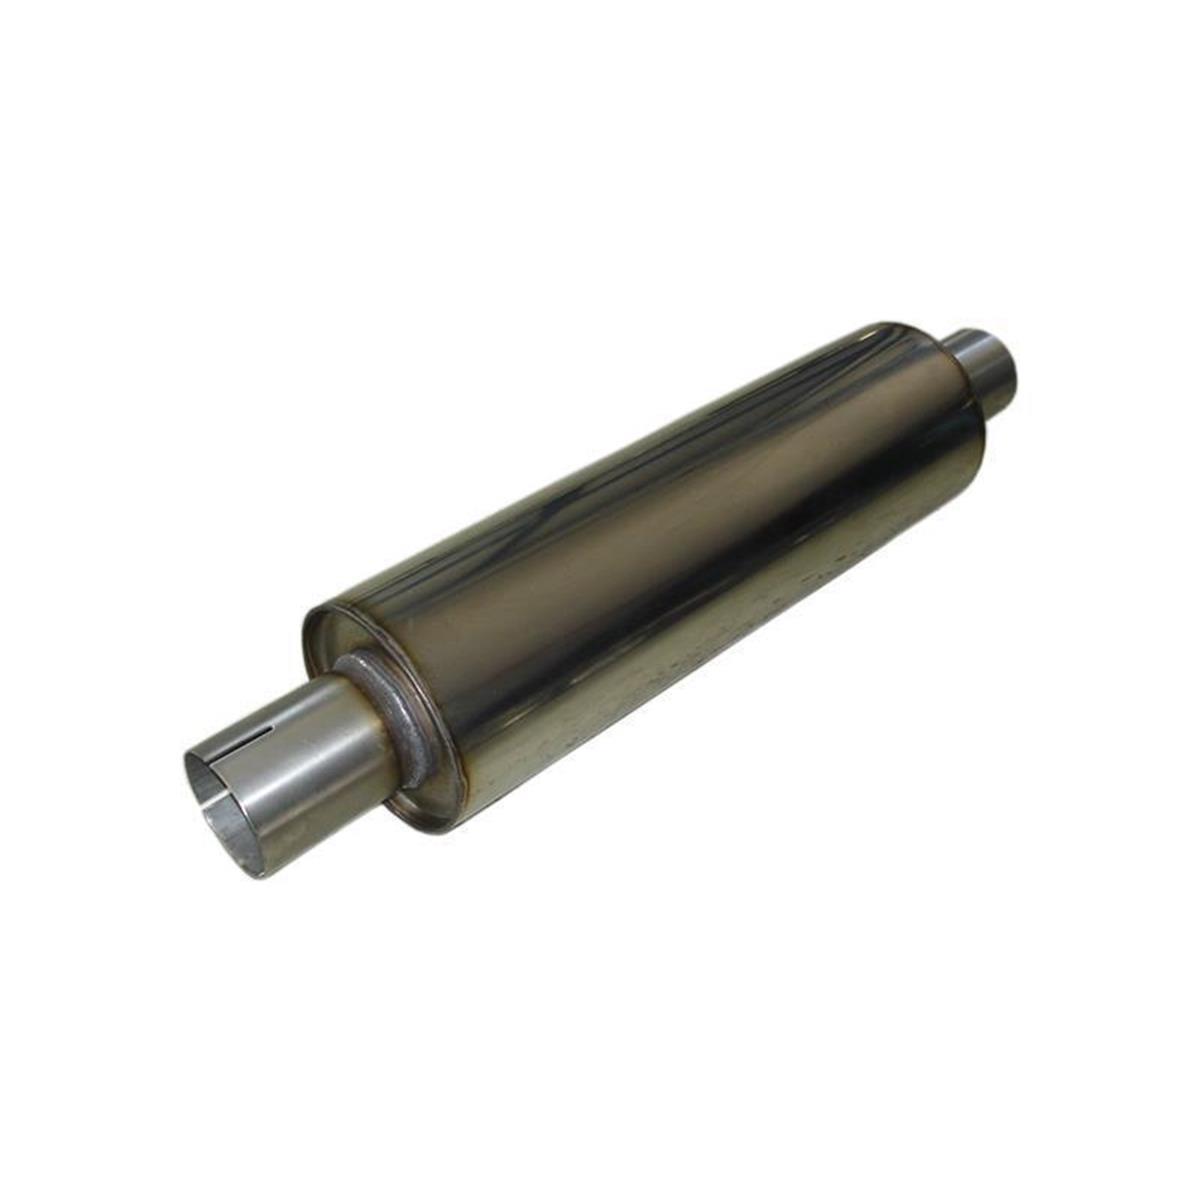 Uni Fox Schalldämpfer-76-rund-420mmLänge